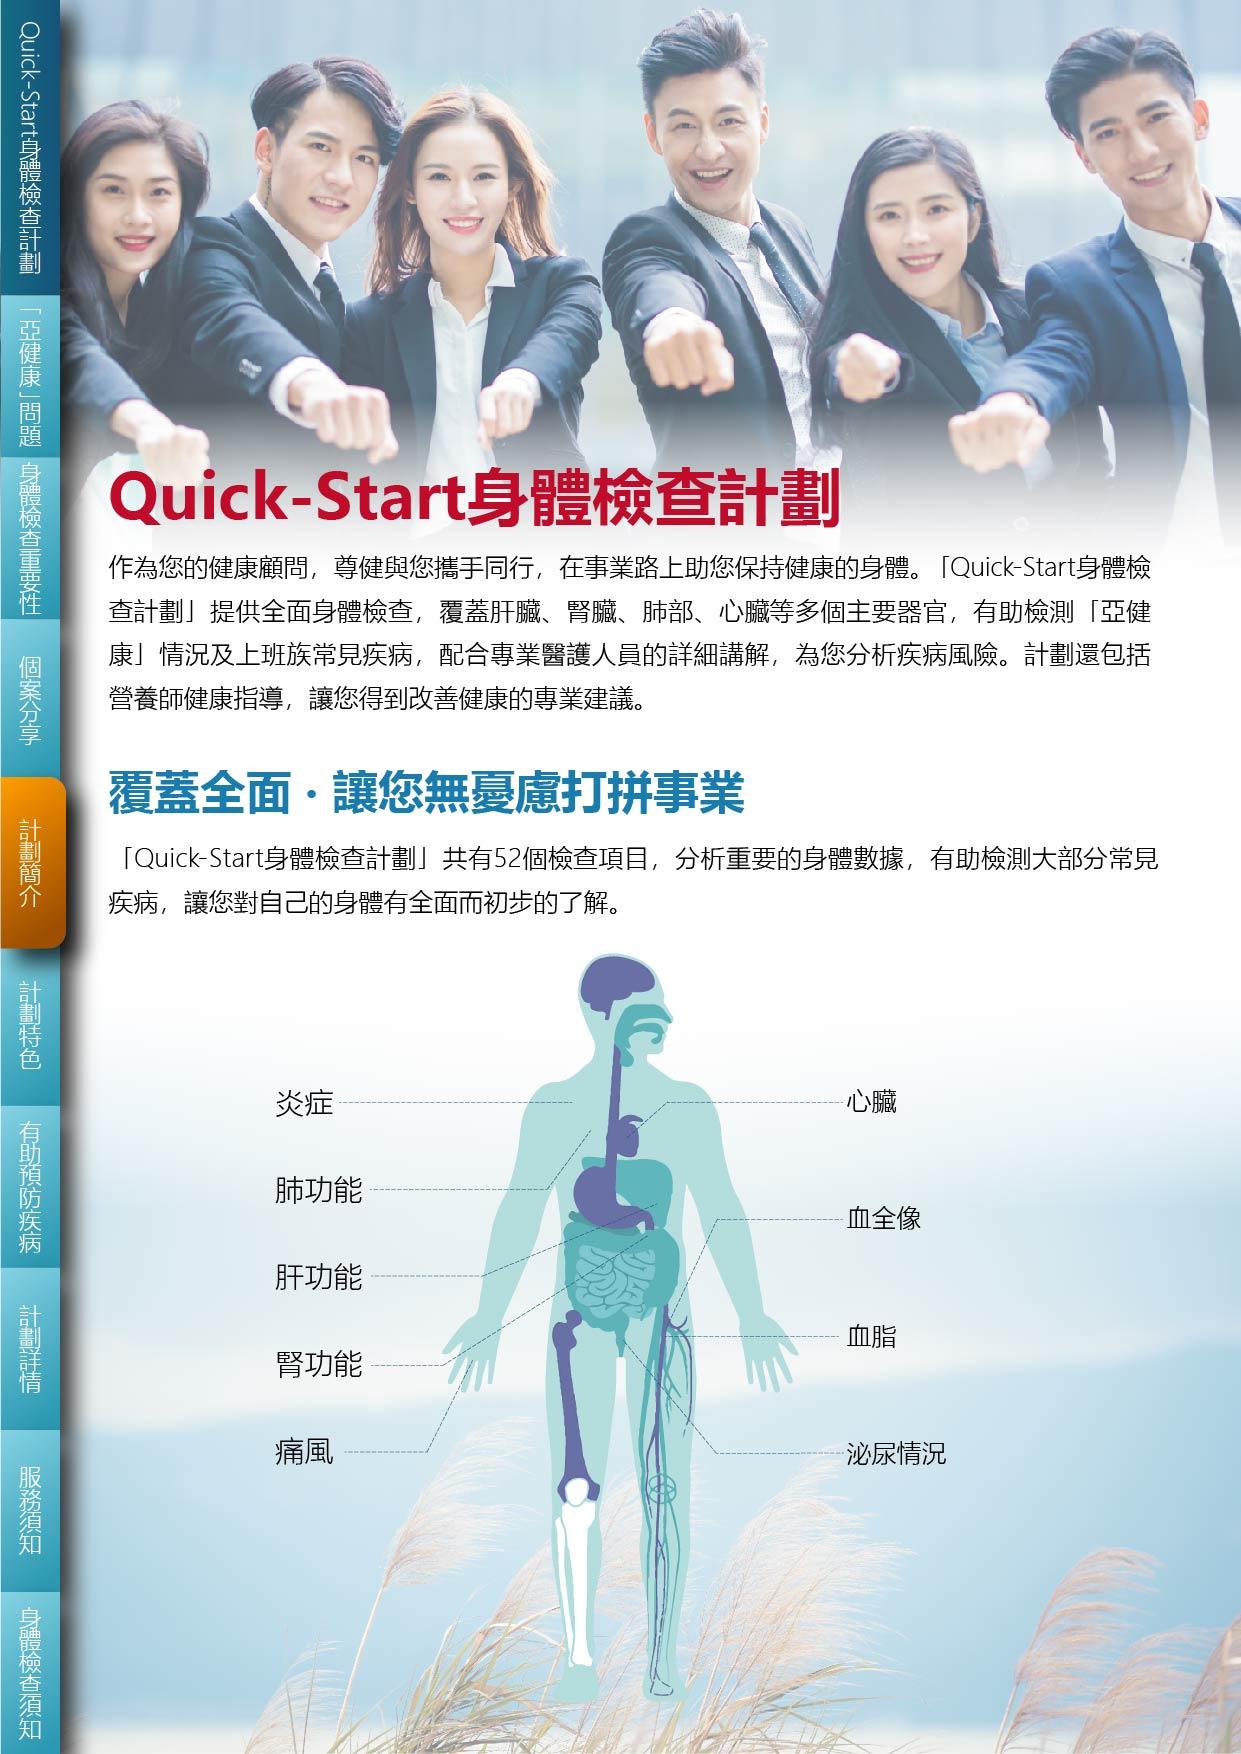 quick-start-v2-5.jpg